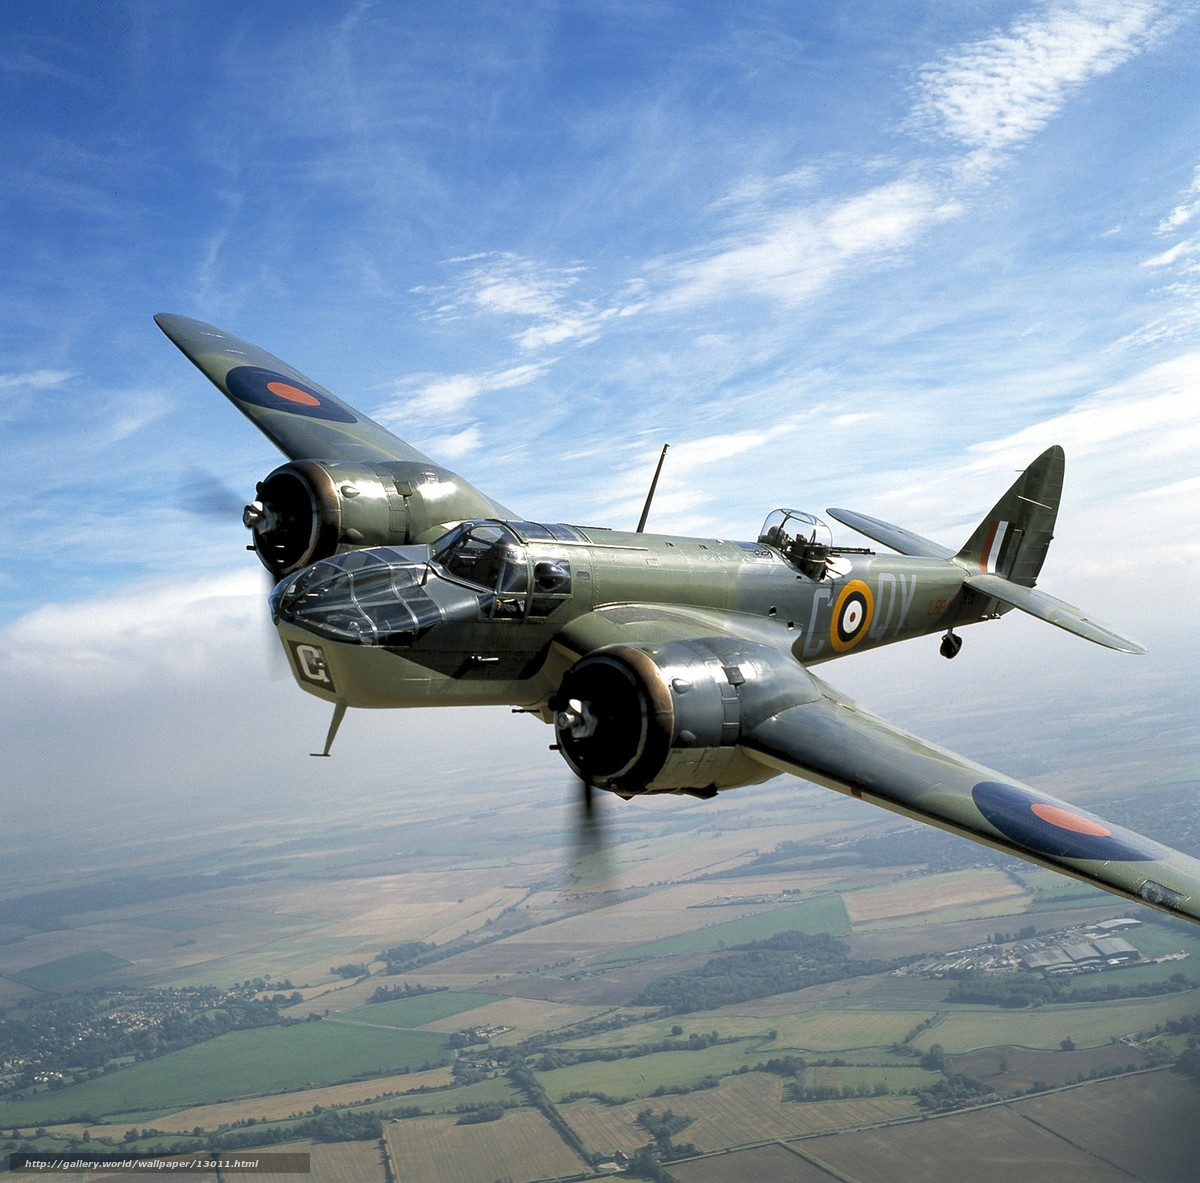 Скачать обои самолет,  высота,  полёт бесплатно для рабочего стола в разрешении 1517x1496 — картинка №13011